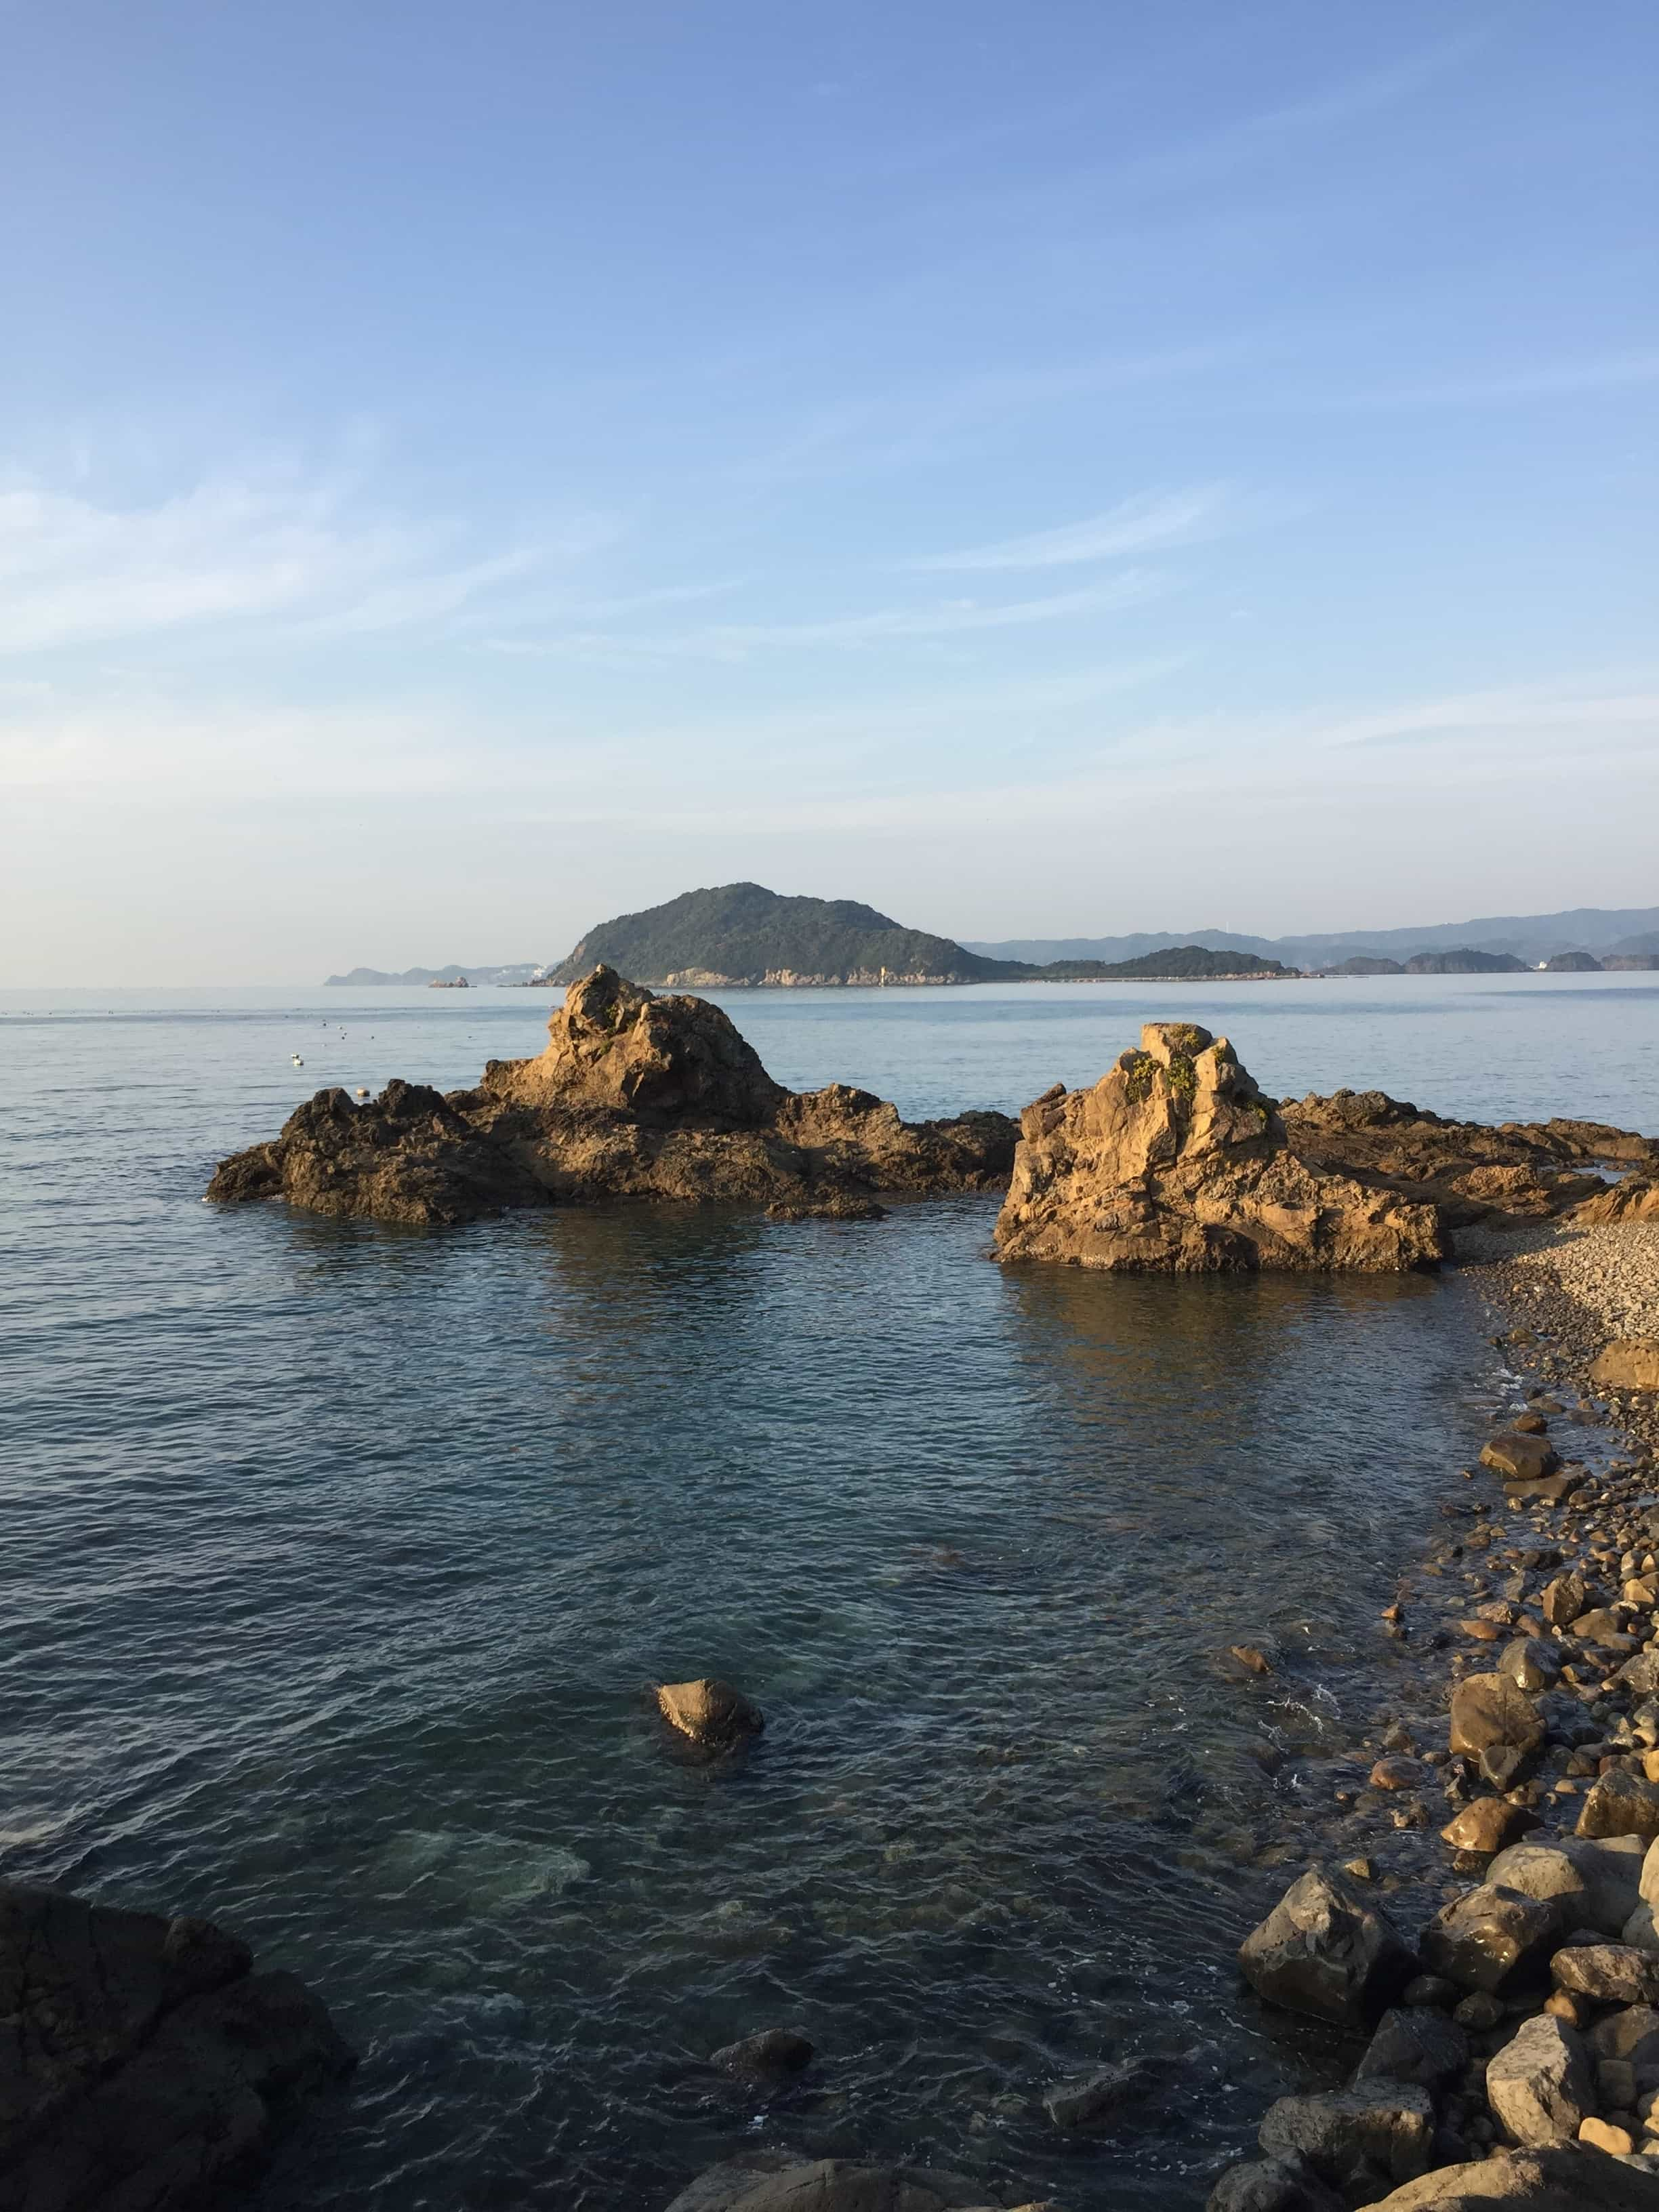 和歌山中紀の潮通しのいい深場エギングポイント、三尾川地磯の釣り場紹介、釣り人が少ない春イカ秋イカ狙いにオススメな隠れ地磯